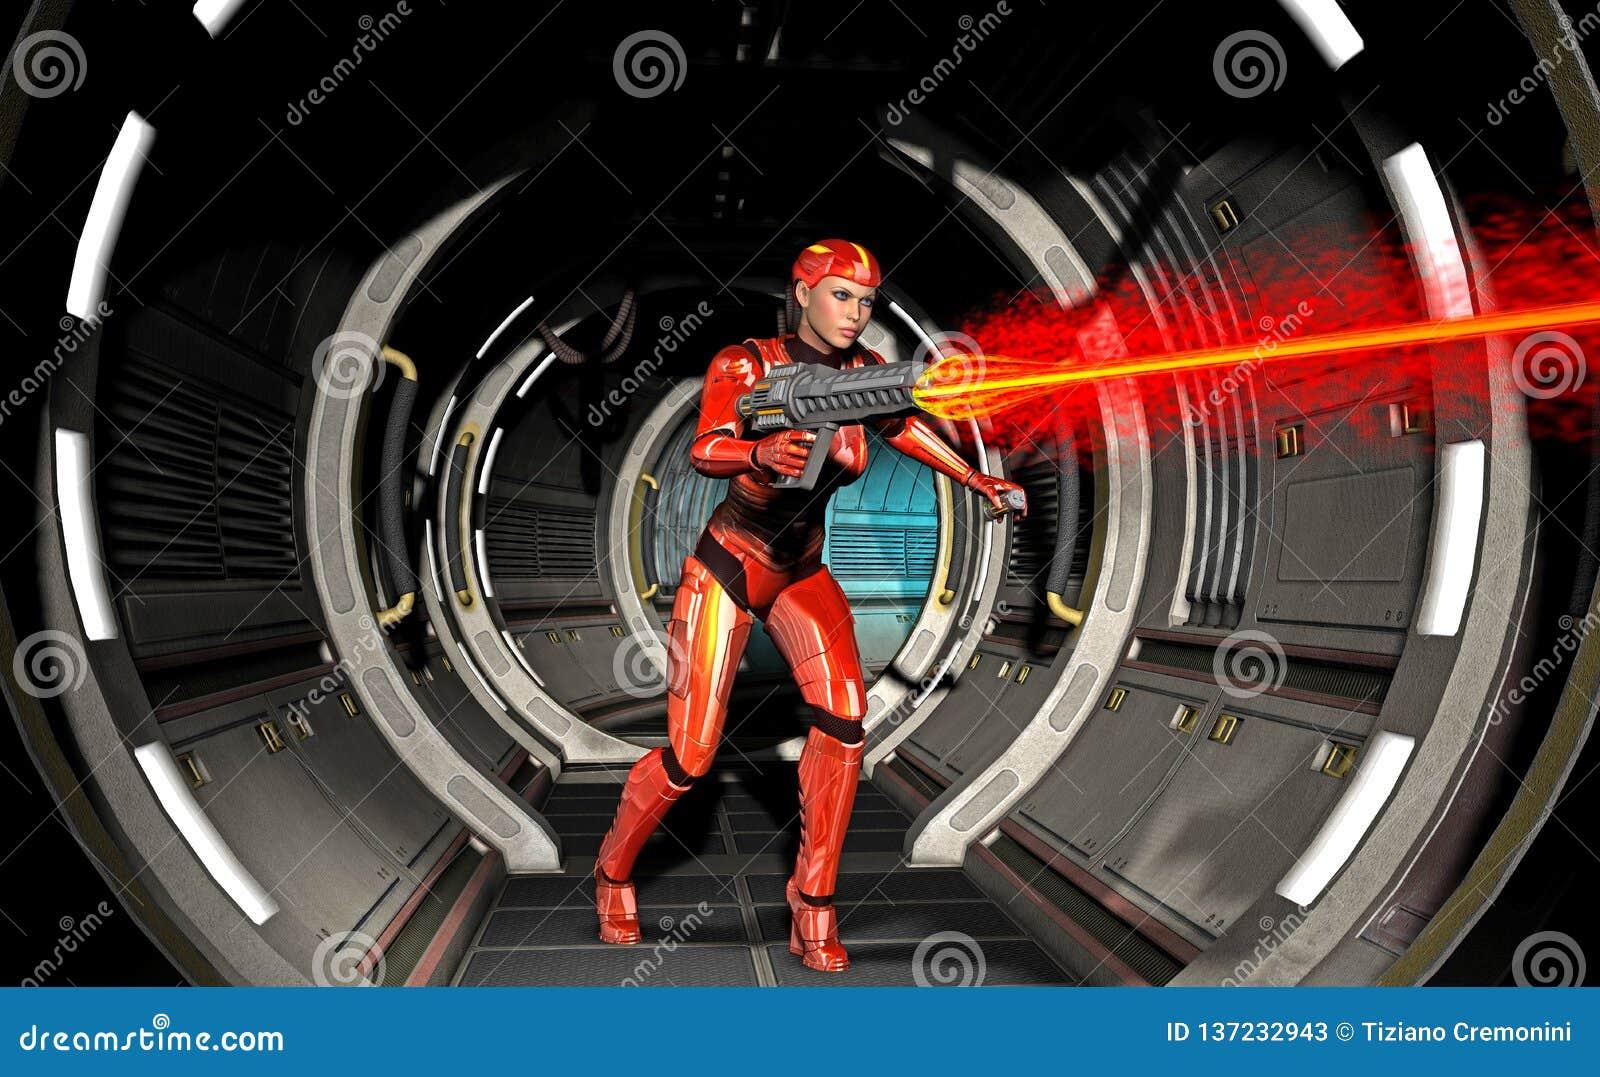 Menina futurista do guerreiro, disparando com a arma pesada dentro da nave espacial, ilustração 3d